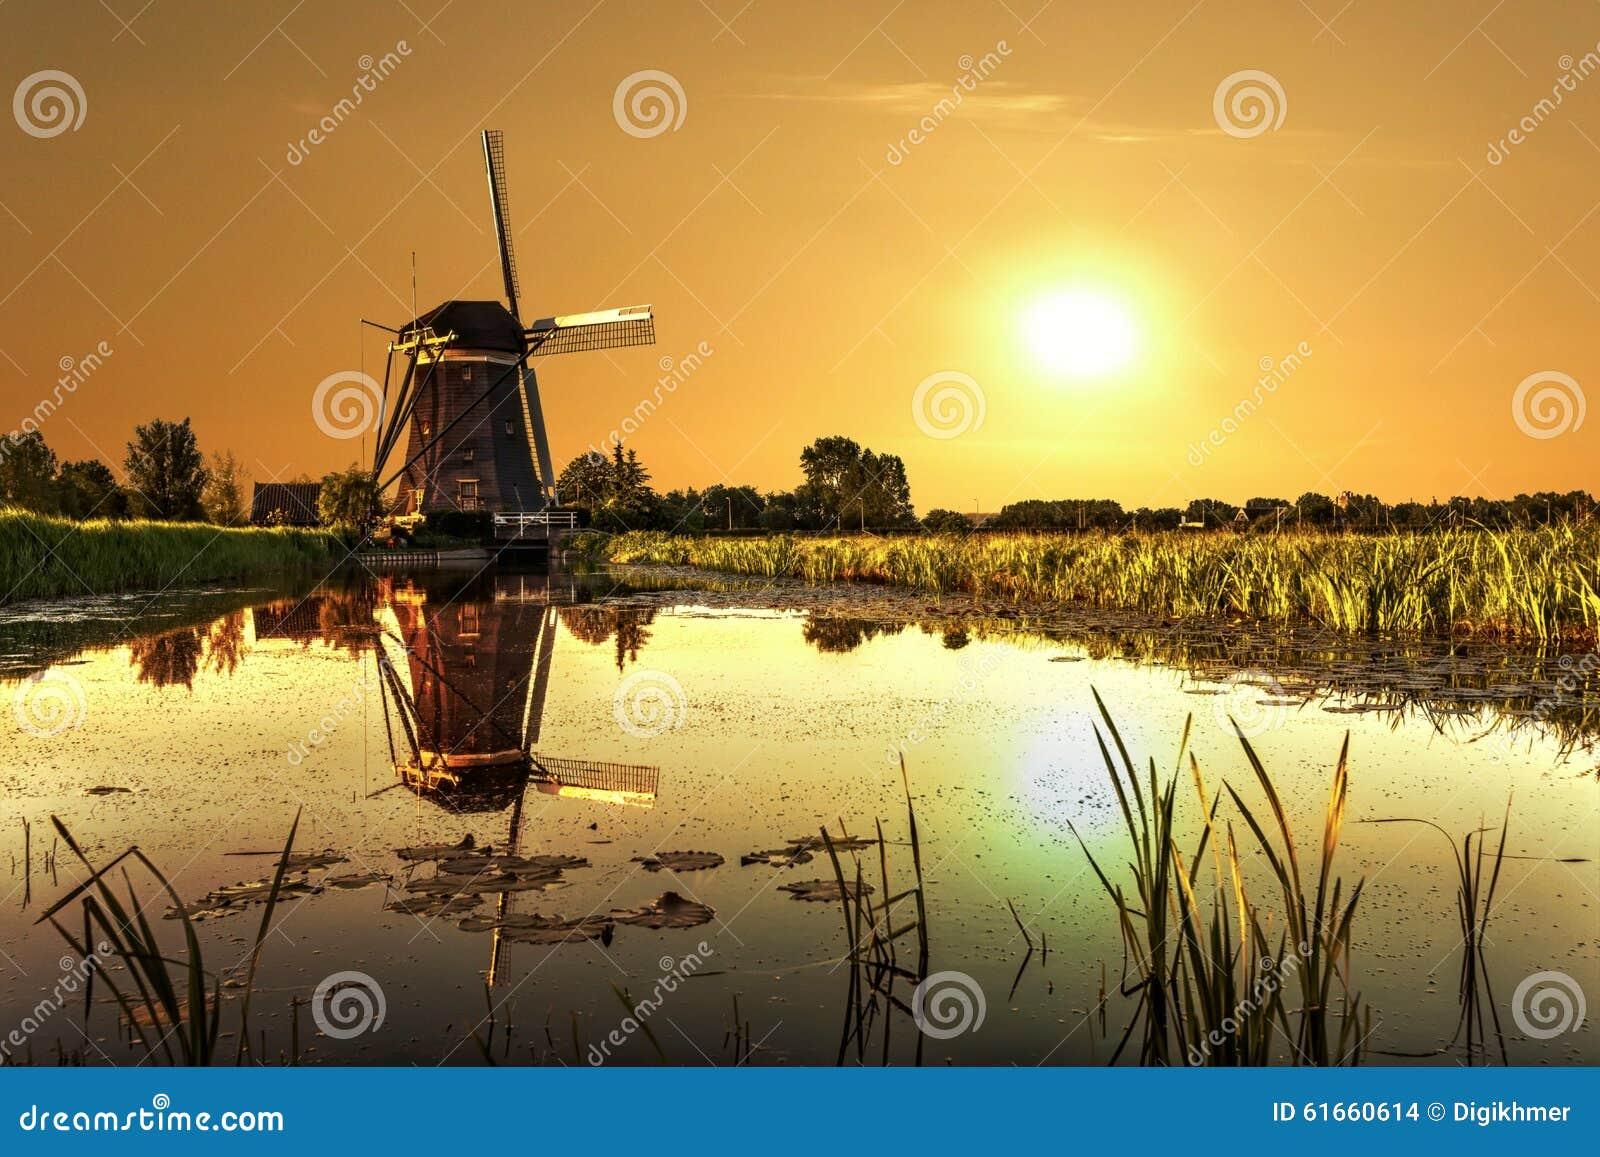 Lever de soleil sur un moulin à vent